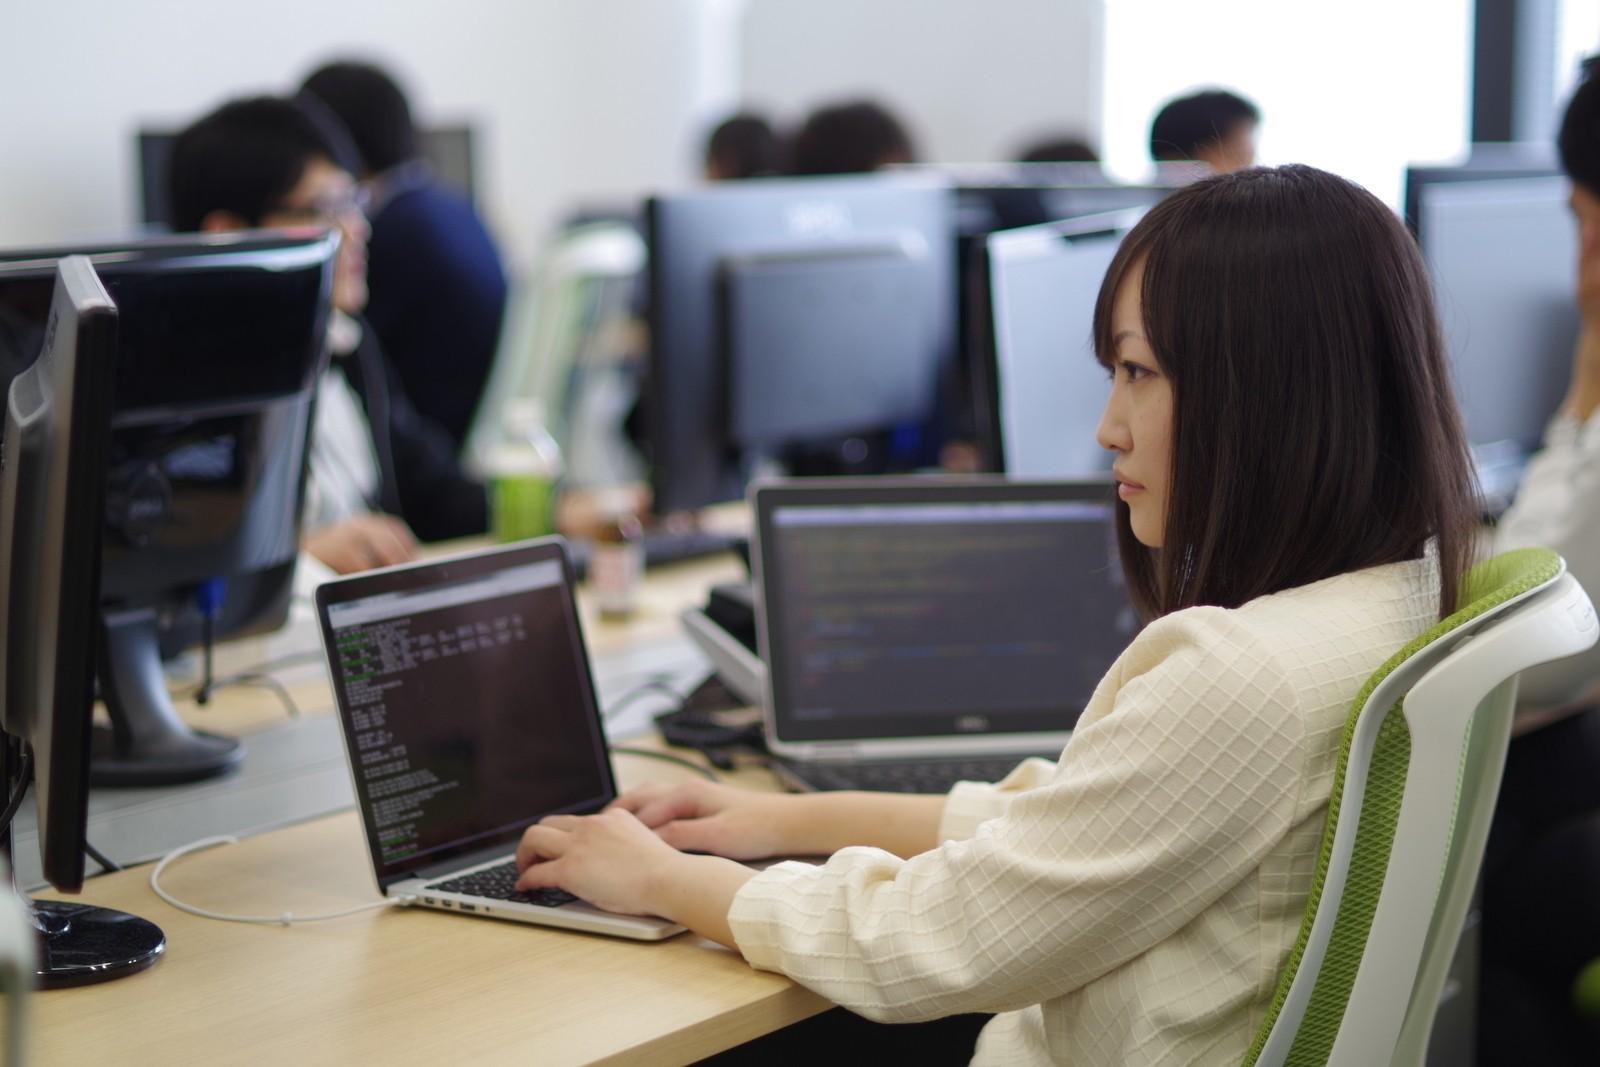 「All About」を開発する PHPエンジニアを募集!